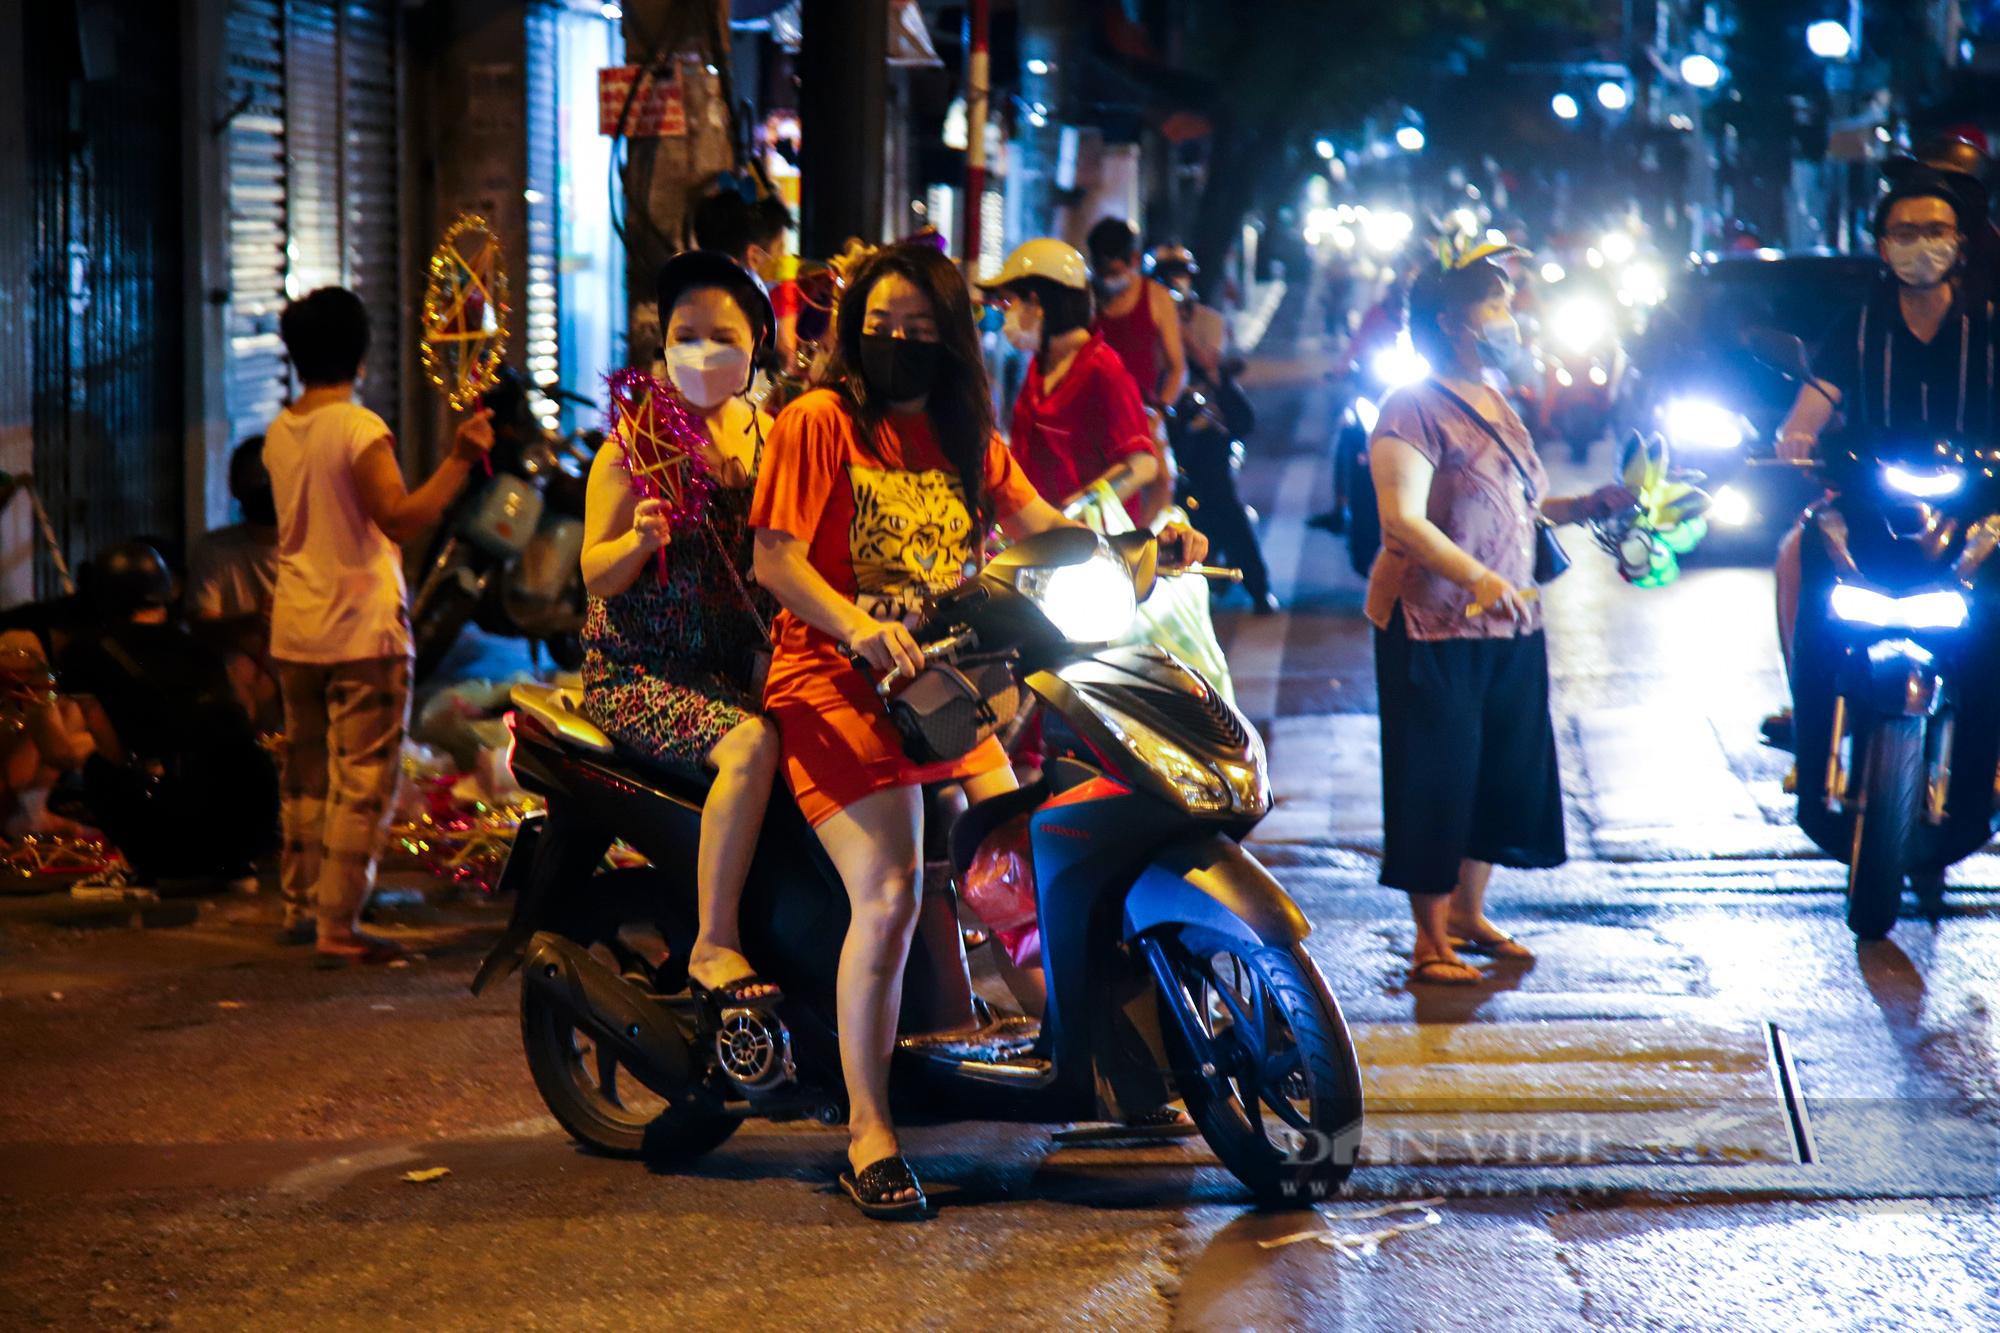 Ngày giãn cách cuối cùng, người dân rủ nhau lên phố cổ dạo chơi đêm trung thu - Ảnh 3.